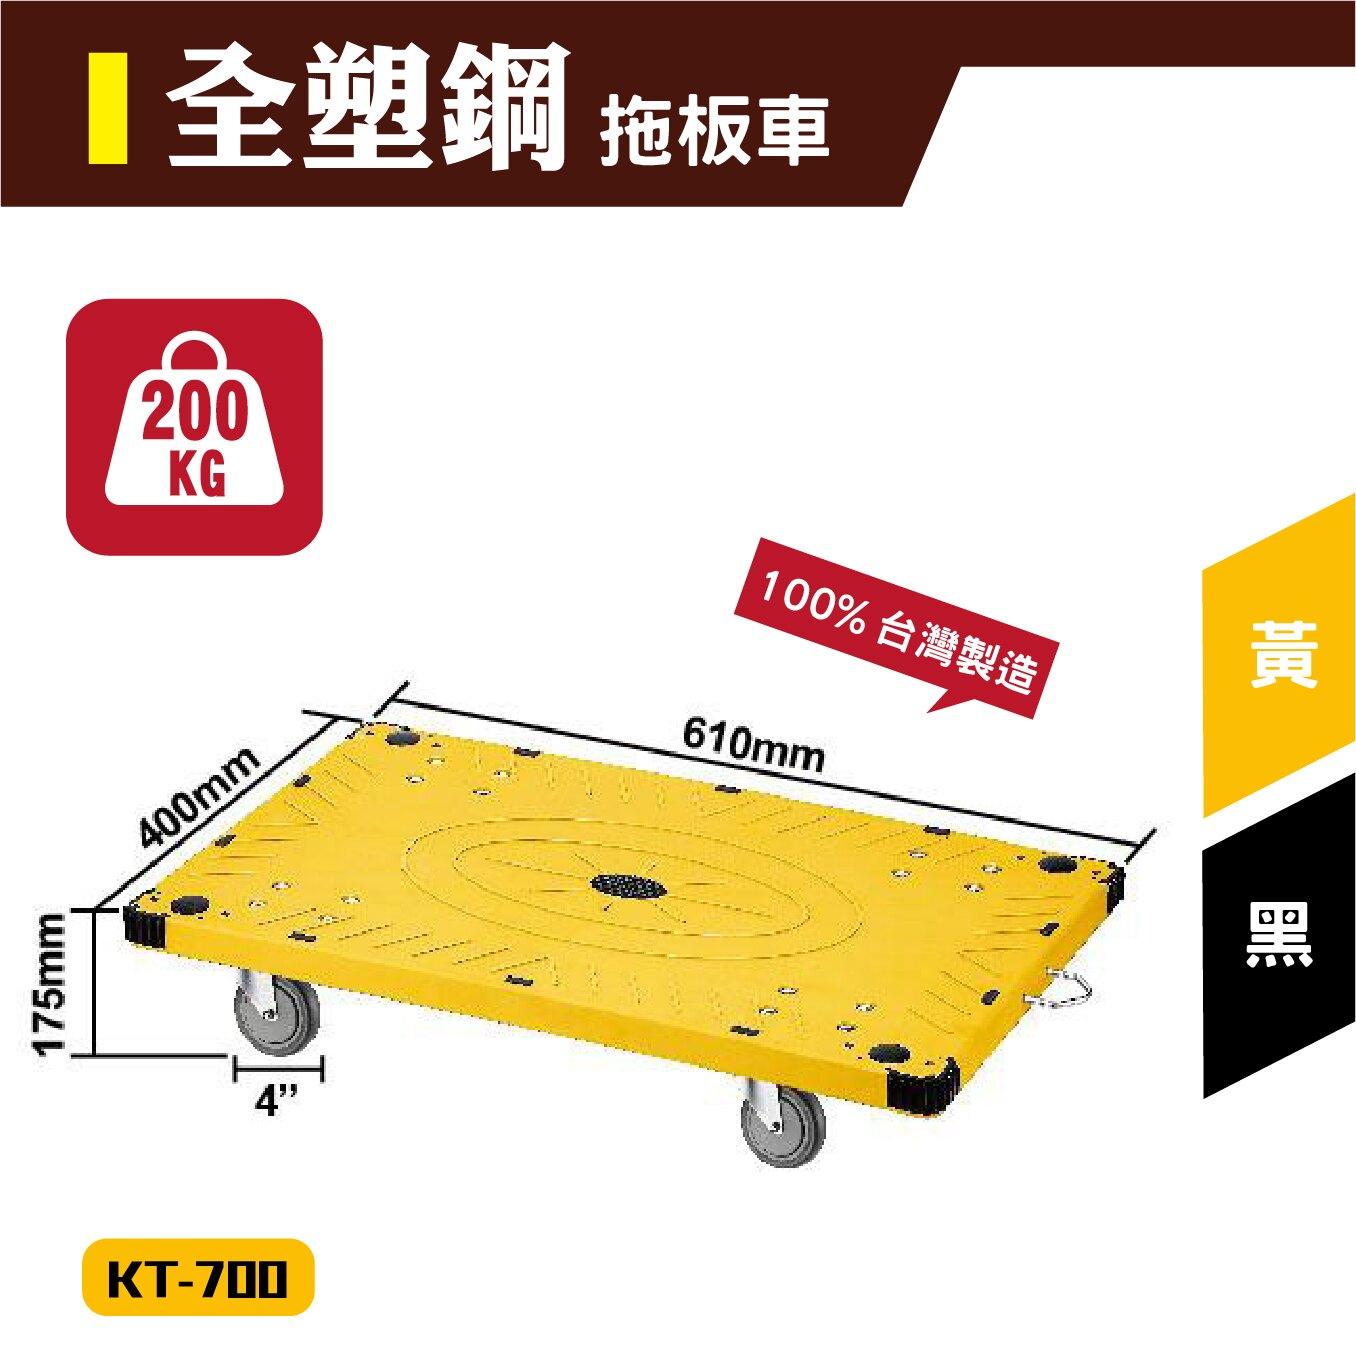 【台灣製造】輕型拖板車KT-700(黃/黑) 烏龜車 拖車 板車 物流推車 TPR培林活動輪 卸貨 下貨 工廠